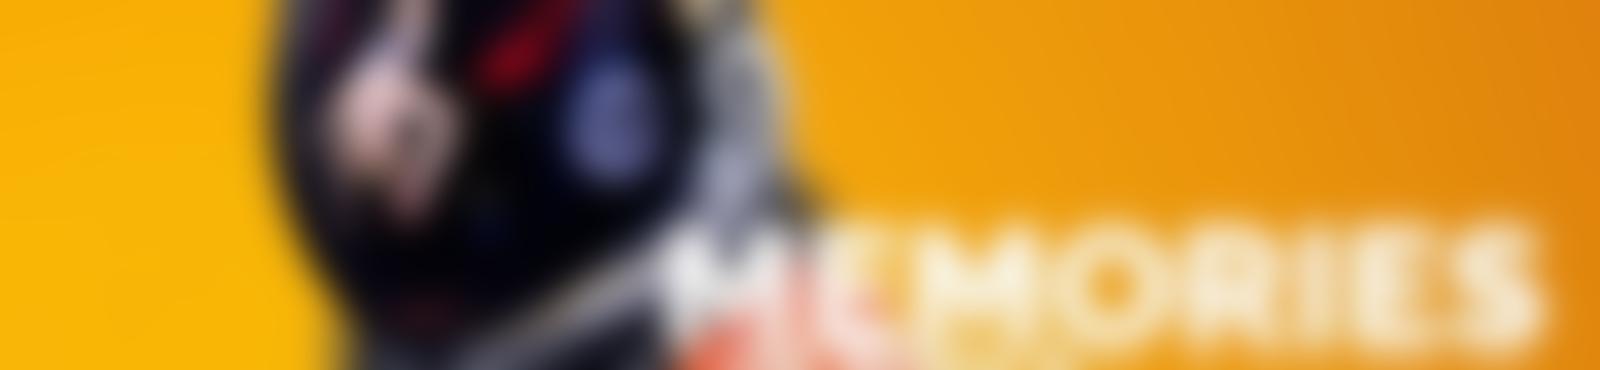 Blurred bf86b4c6 9232 44d8 9eb6 09cd6f9a0a25